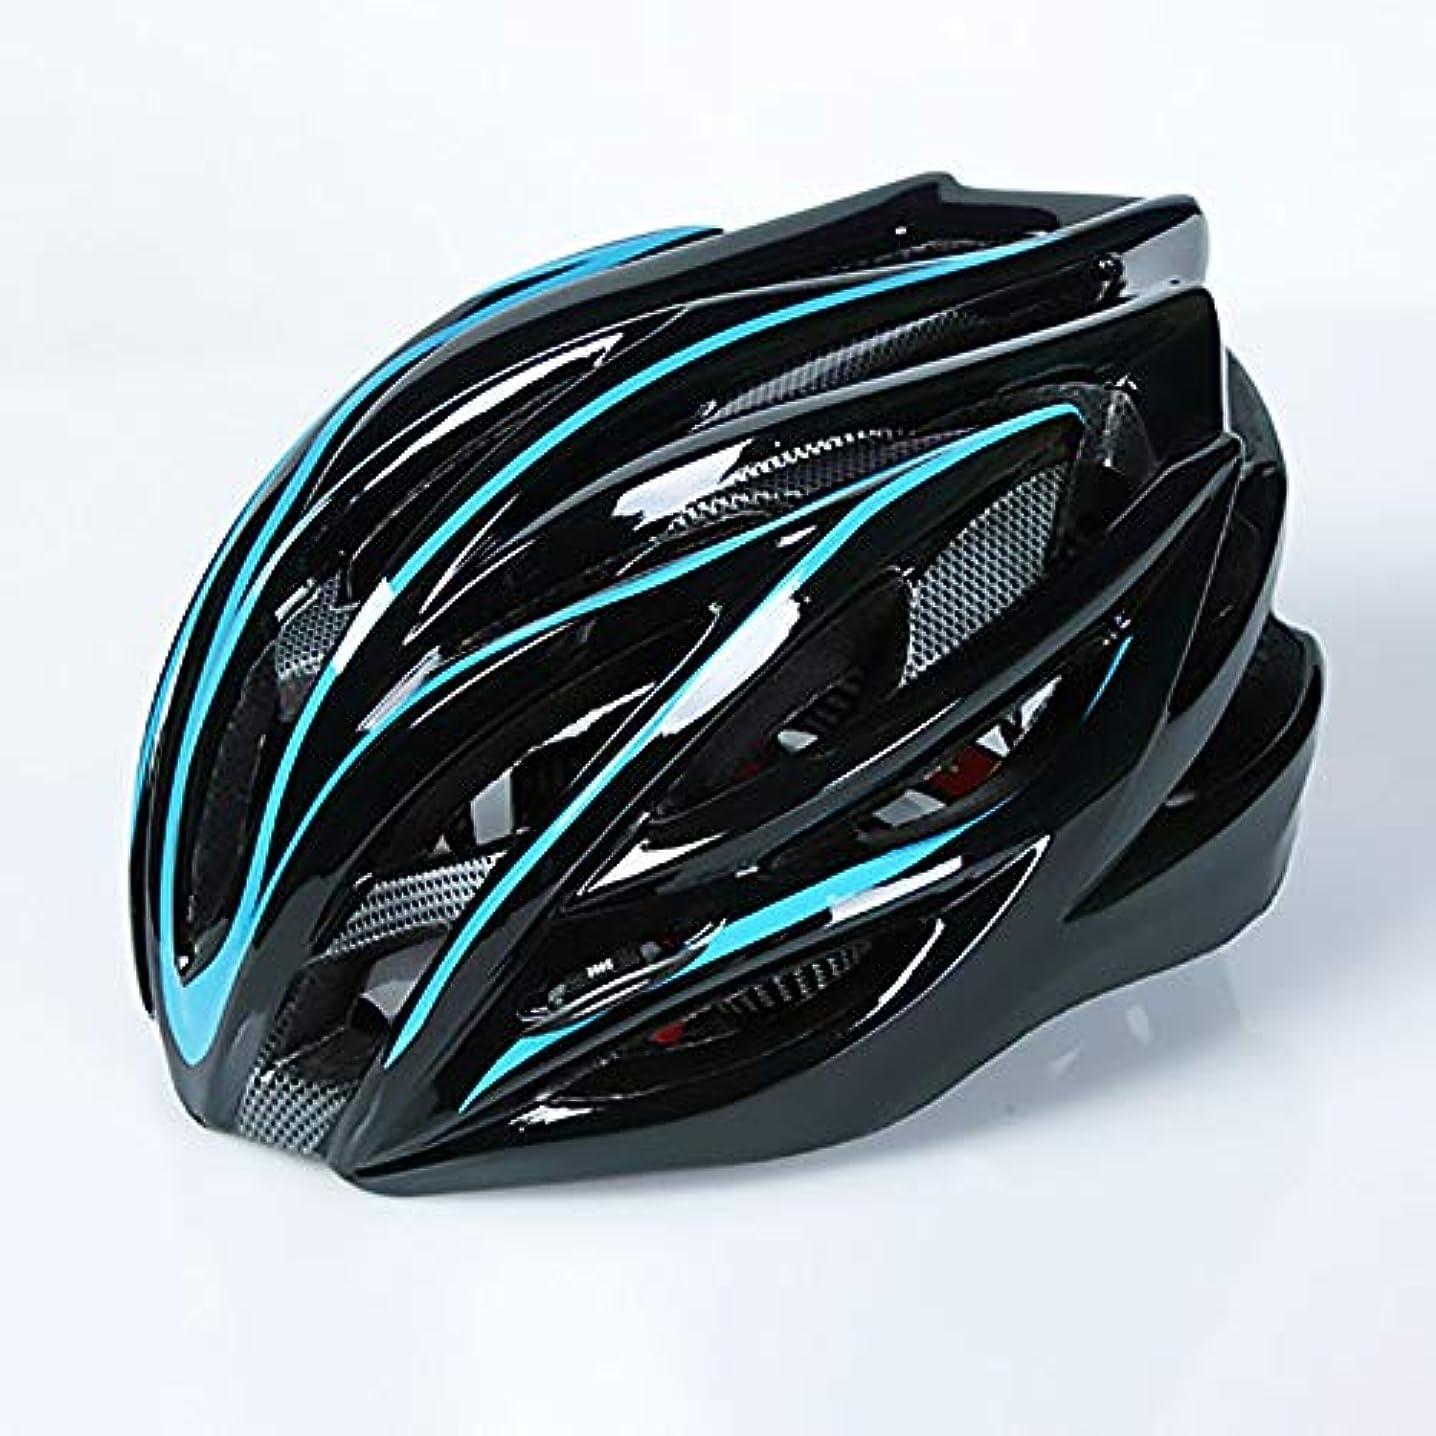 期待証言するアルバニーQRY 黒と青のストライプ大人自転車ヘルメット乗馬電気自動車オートバイヘルメット自転車マウンテンバイクヘルメット屋外乗馬機器 幸せな生活